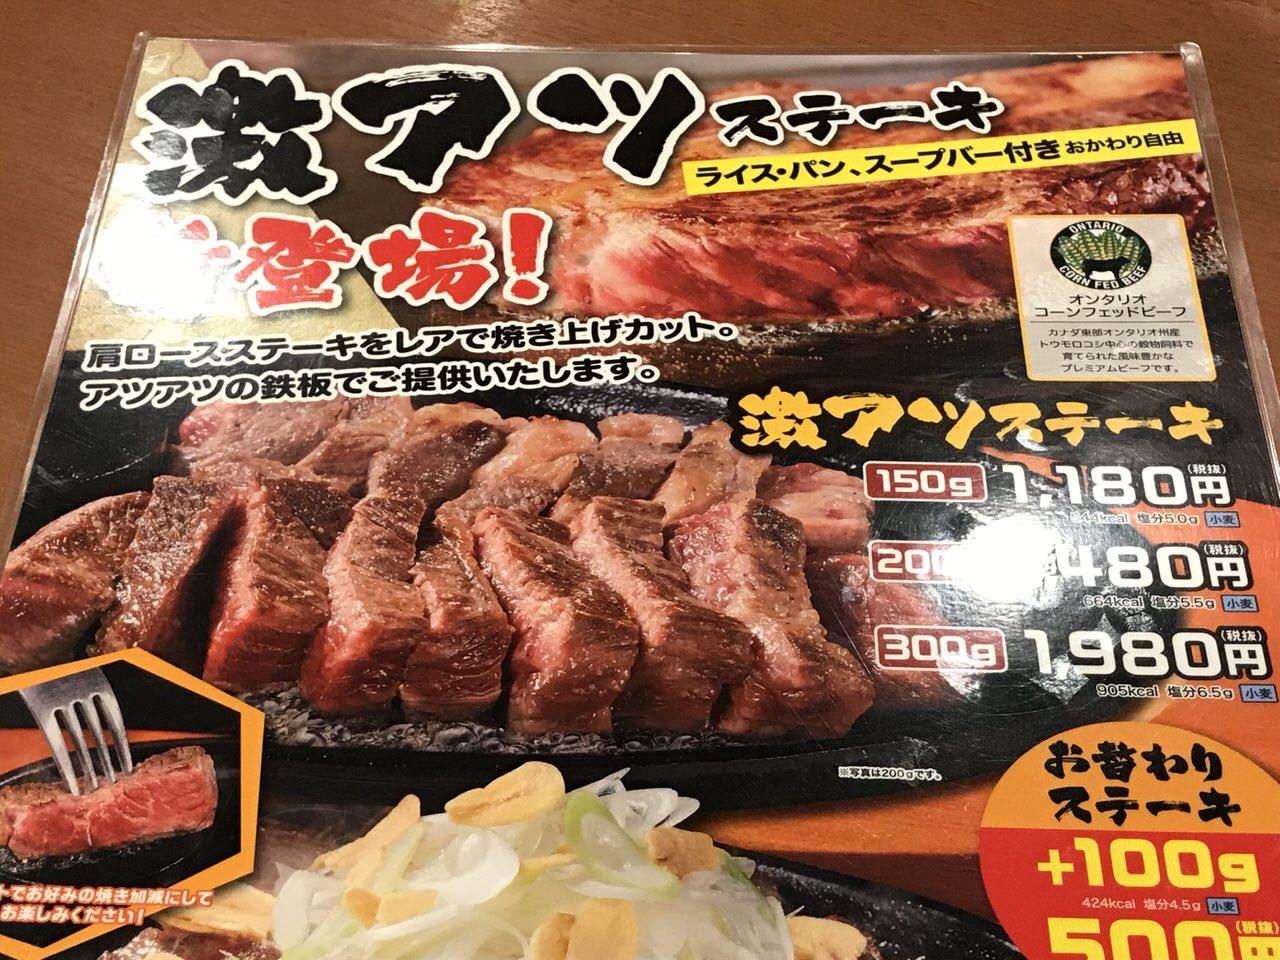 「ステーキのどん」激アツステーキ 2